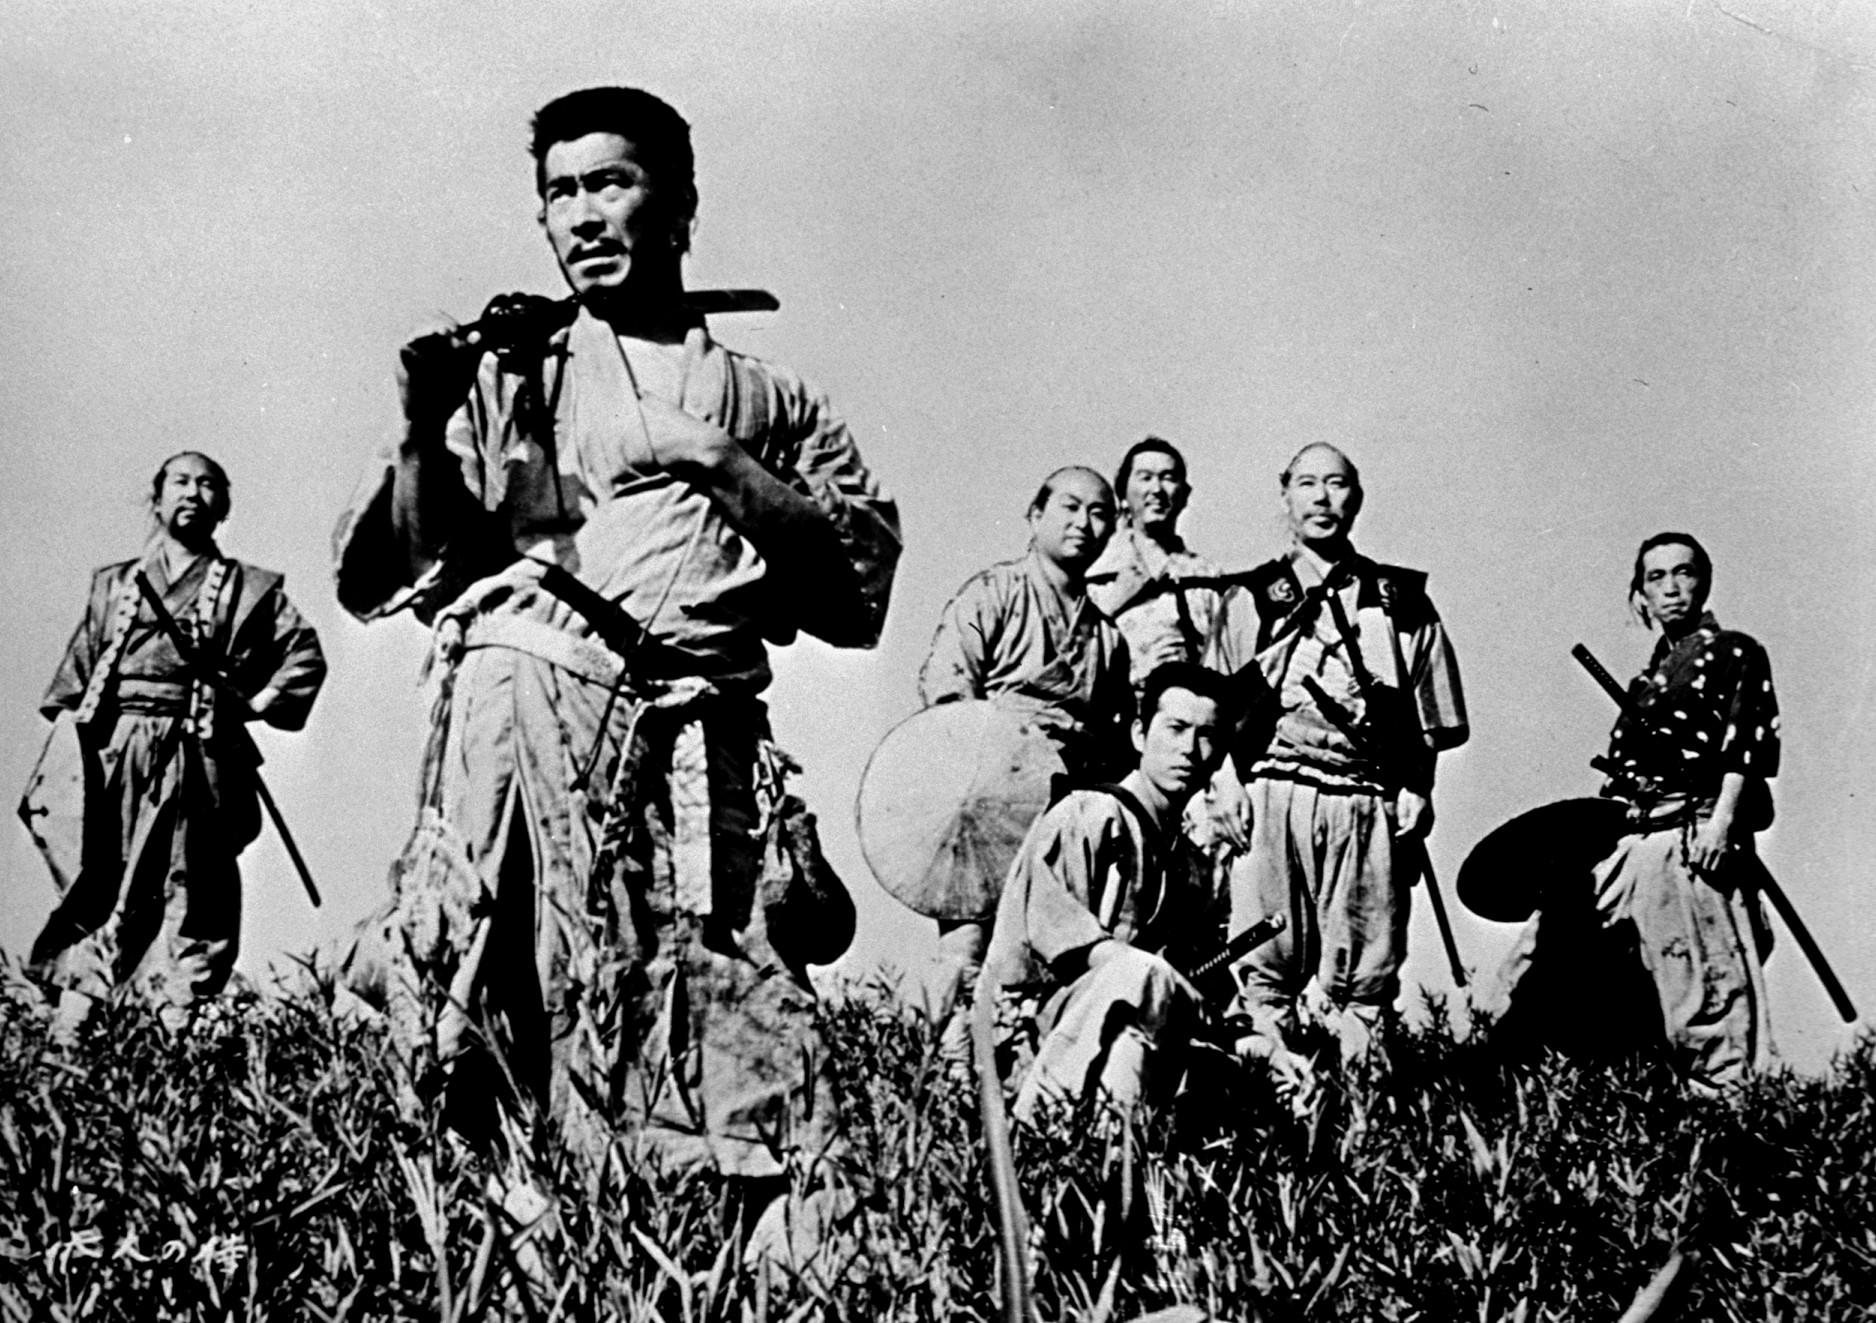 1469089882-5790885a19242-017-seven-samurai-theredlist